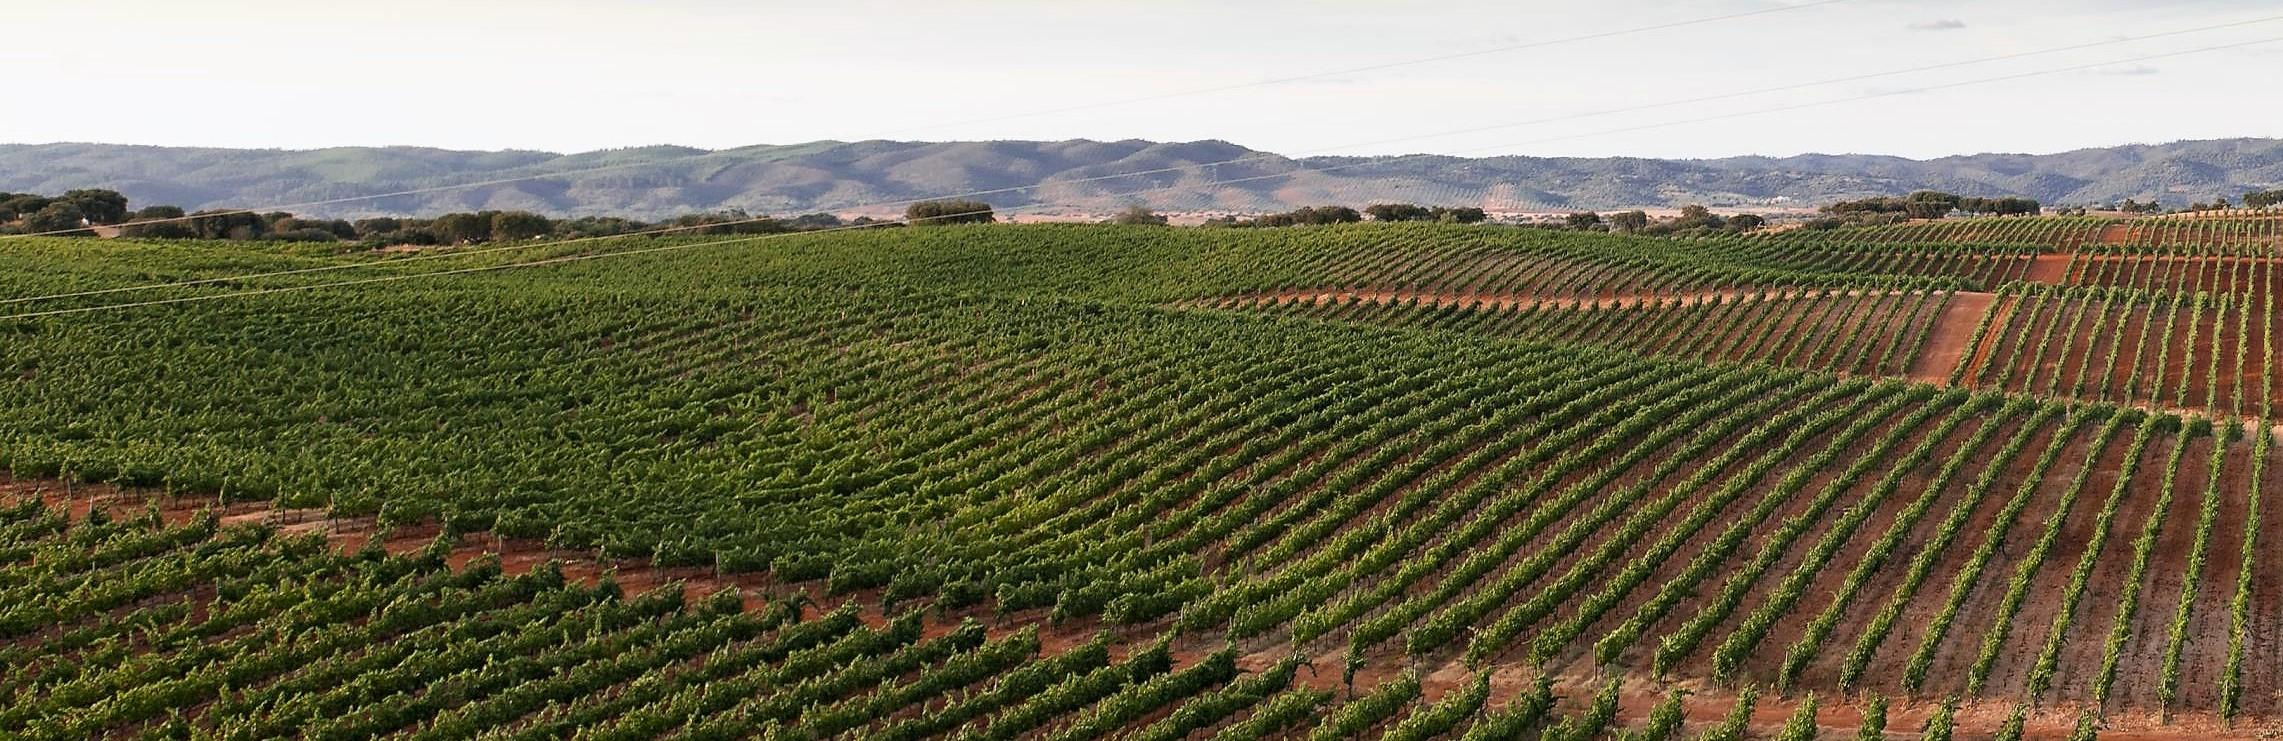 Vinhas no Alentejo de Produção de Bons Vinhos